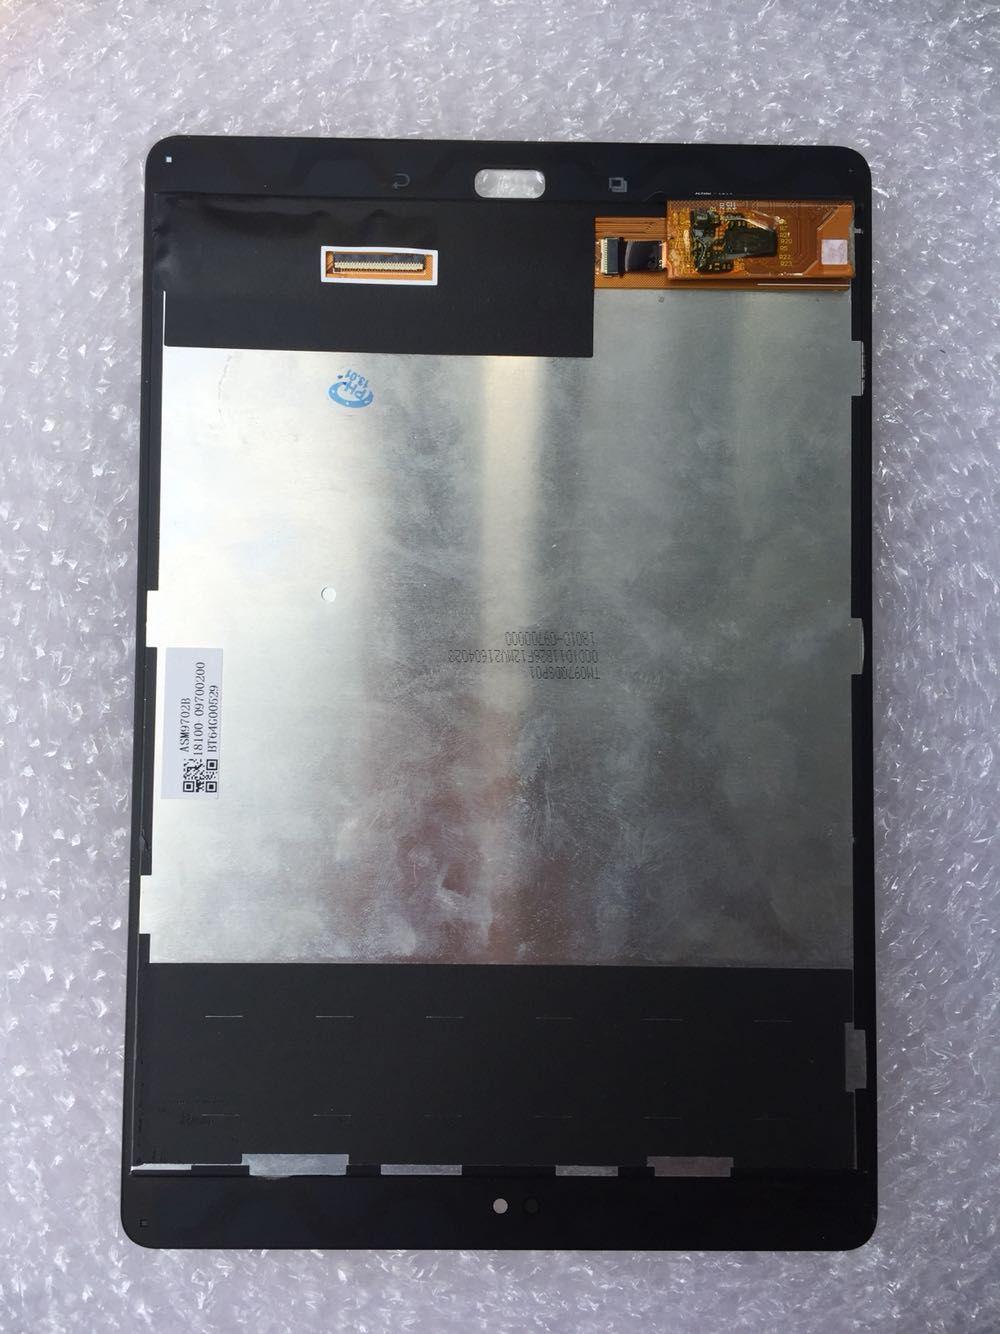 Für ASUS ZenPad 3 S 10 Z500M P027 Z500KL P001 LCD Display Matrix Touchscreen Digitizer Sensor Tablet PC Teile montage